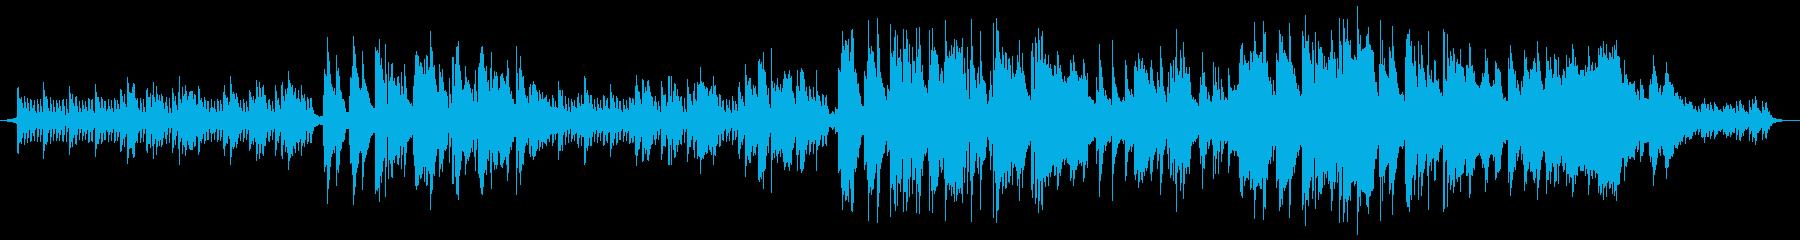 英語/女性ボーカル/生録/ヒーリングの再生済みの波形